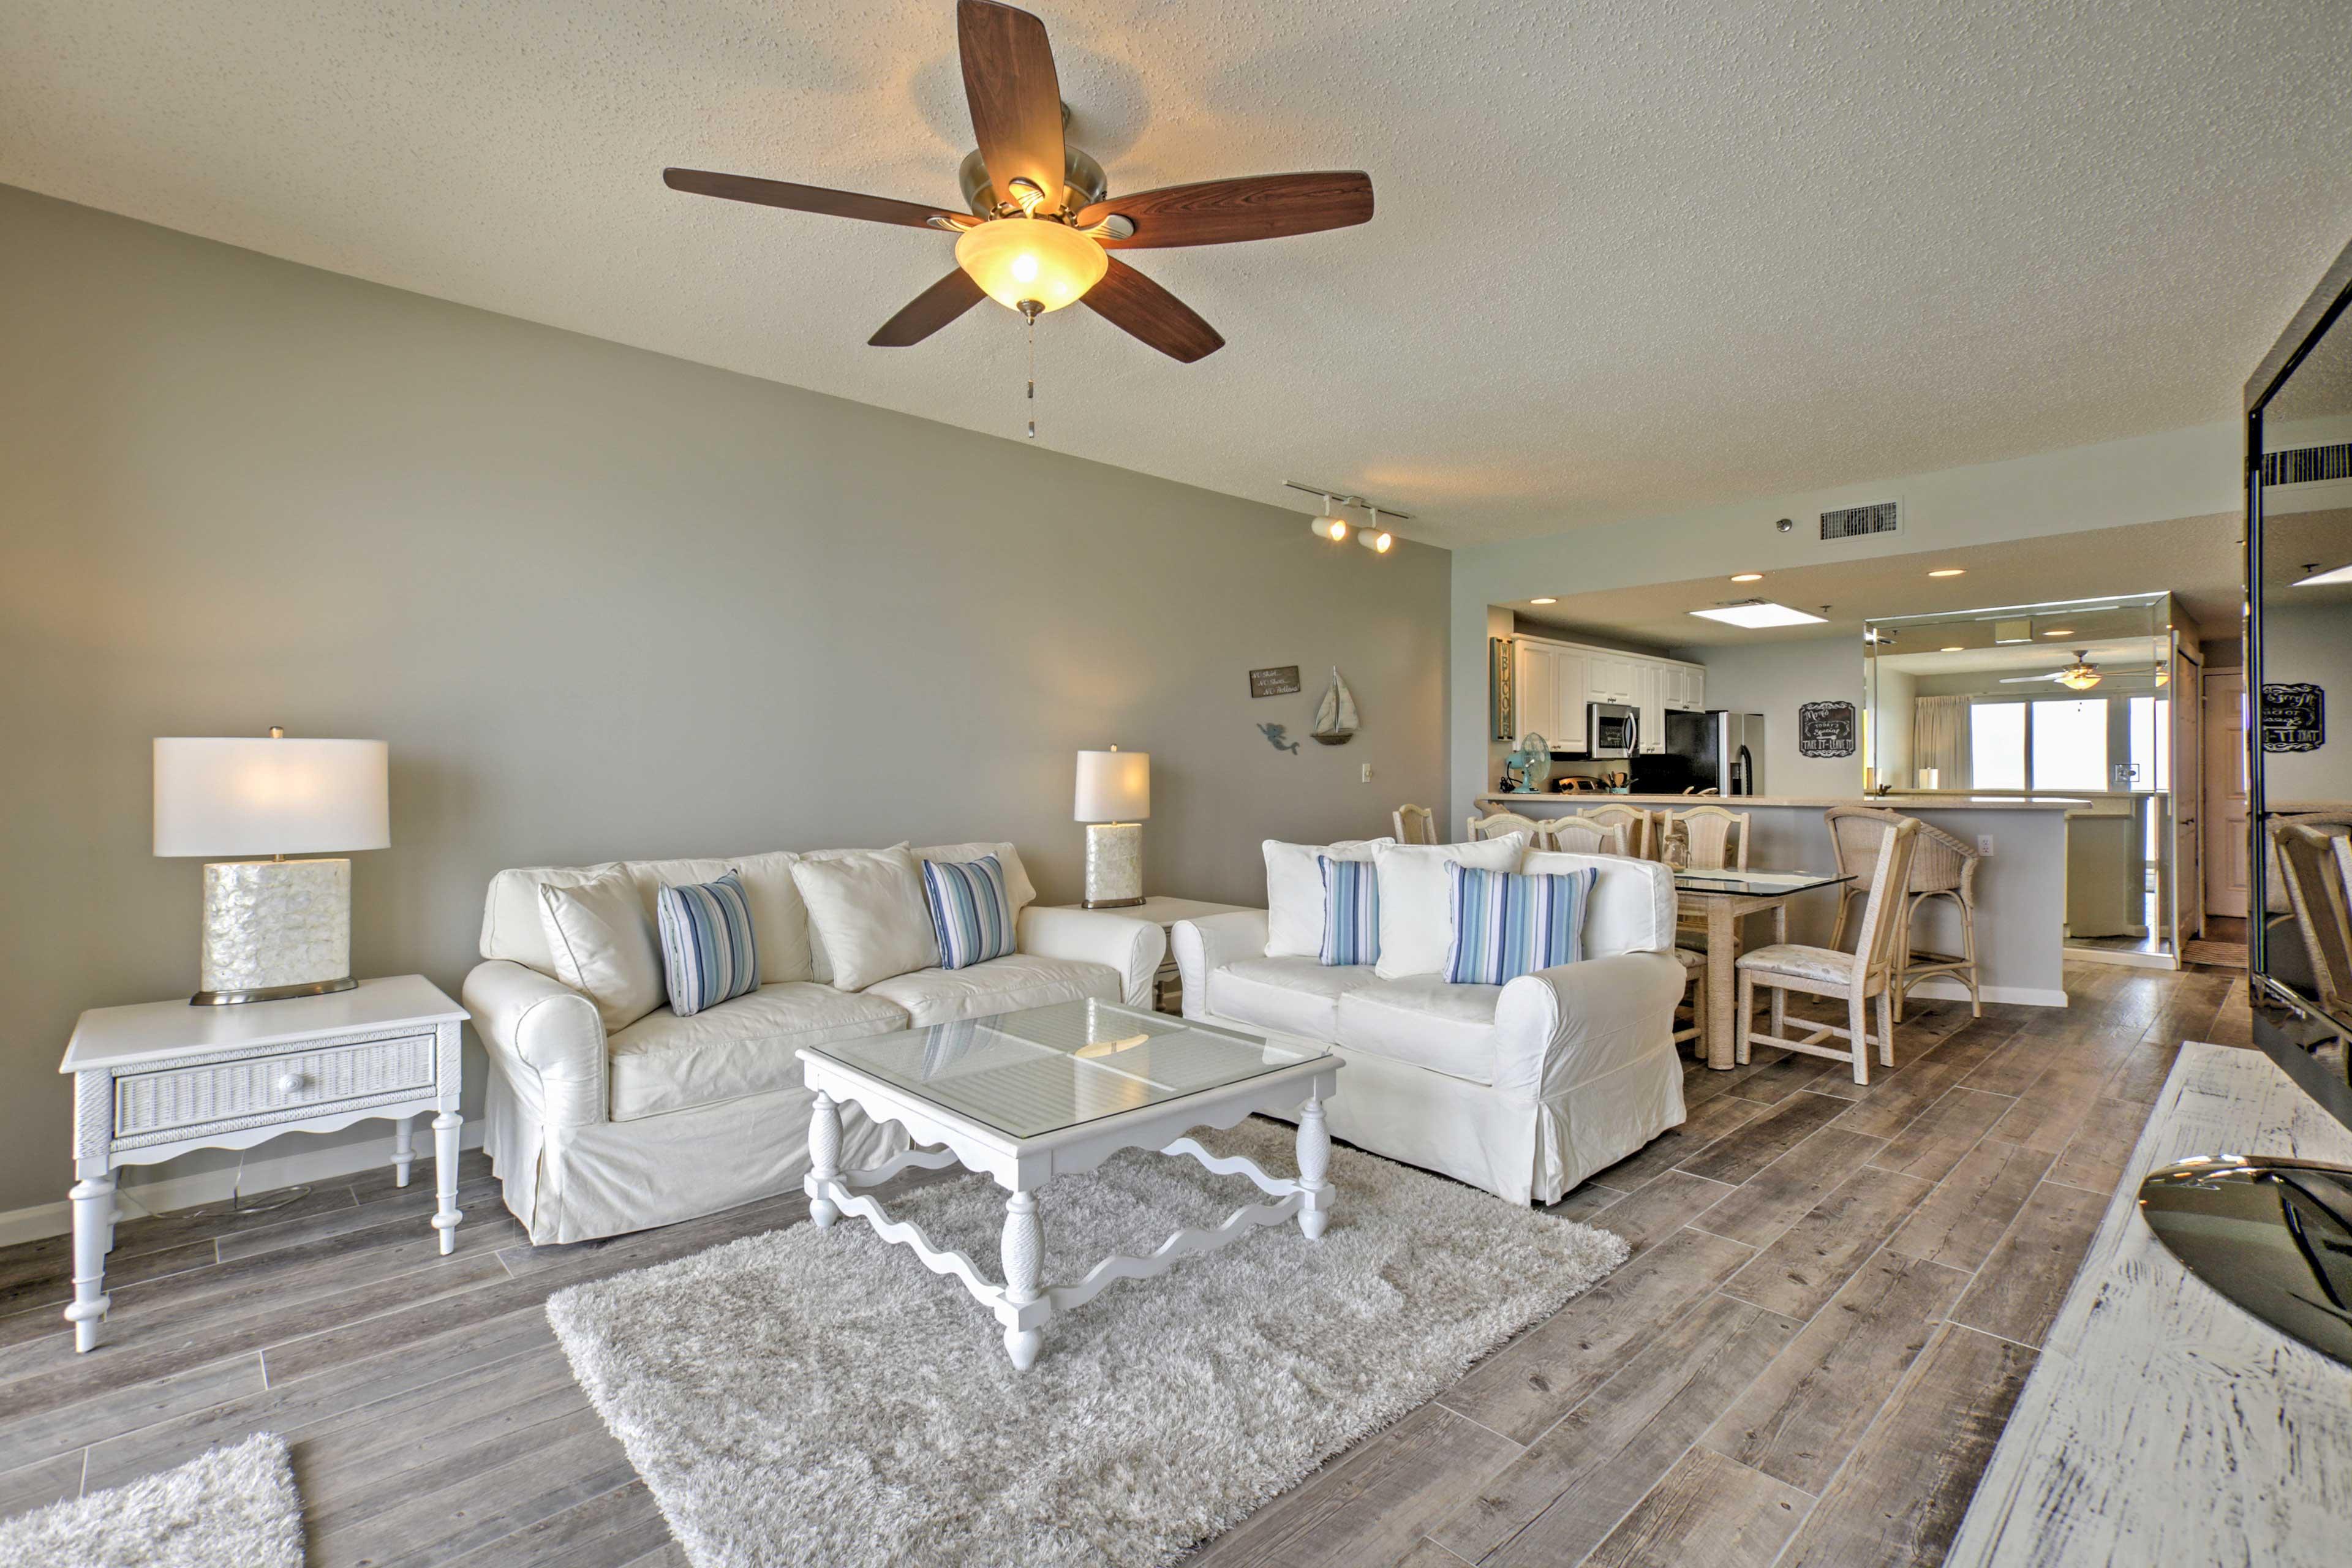 You'll find modern coastal decor in this Destin unit.